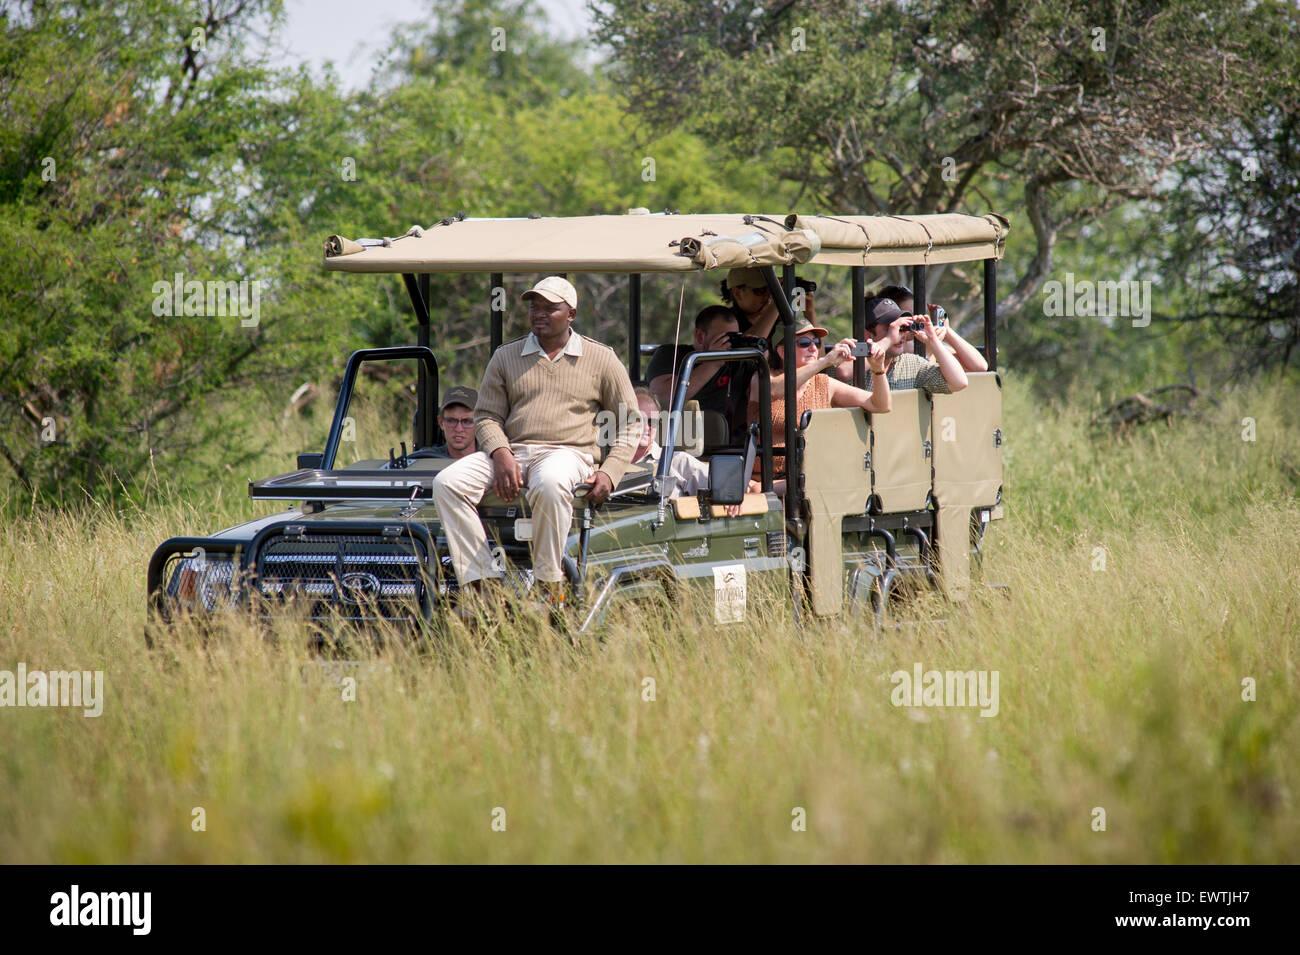 L'AFRIQUE DU SUD- Les touristes en safari dans la réserve de chasse Dinokeng Photo Stock